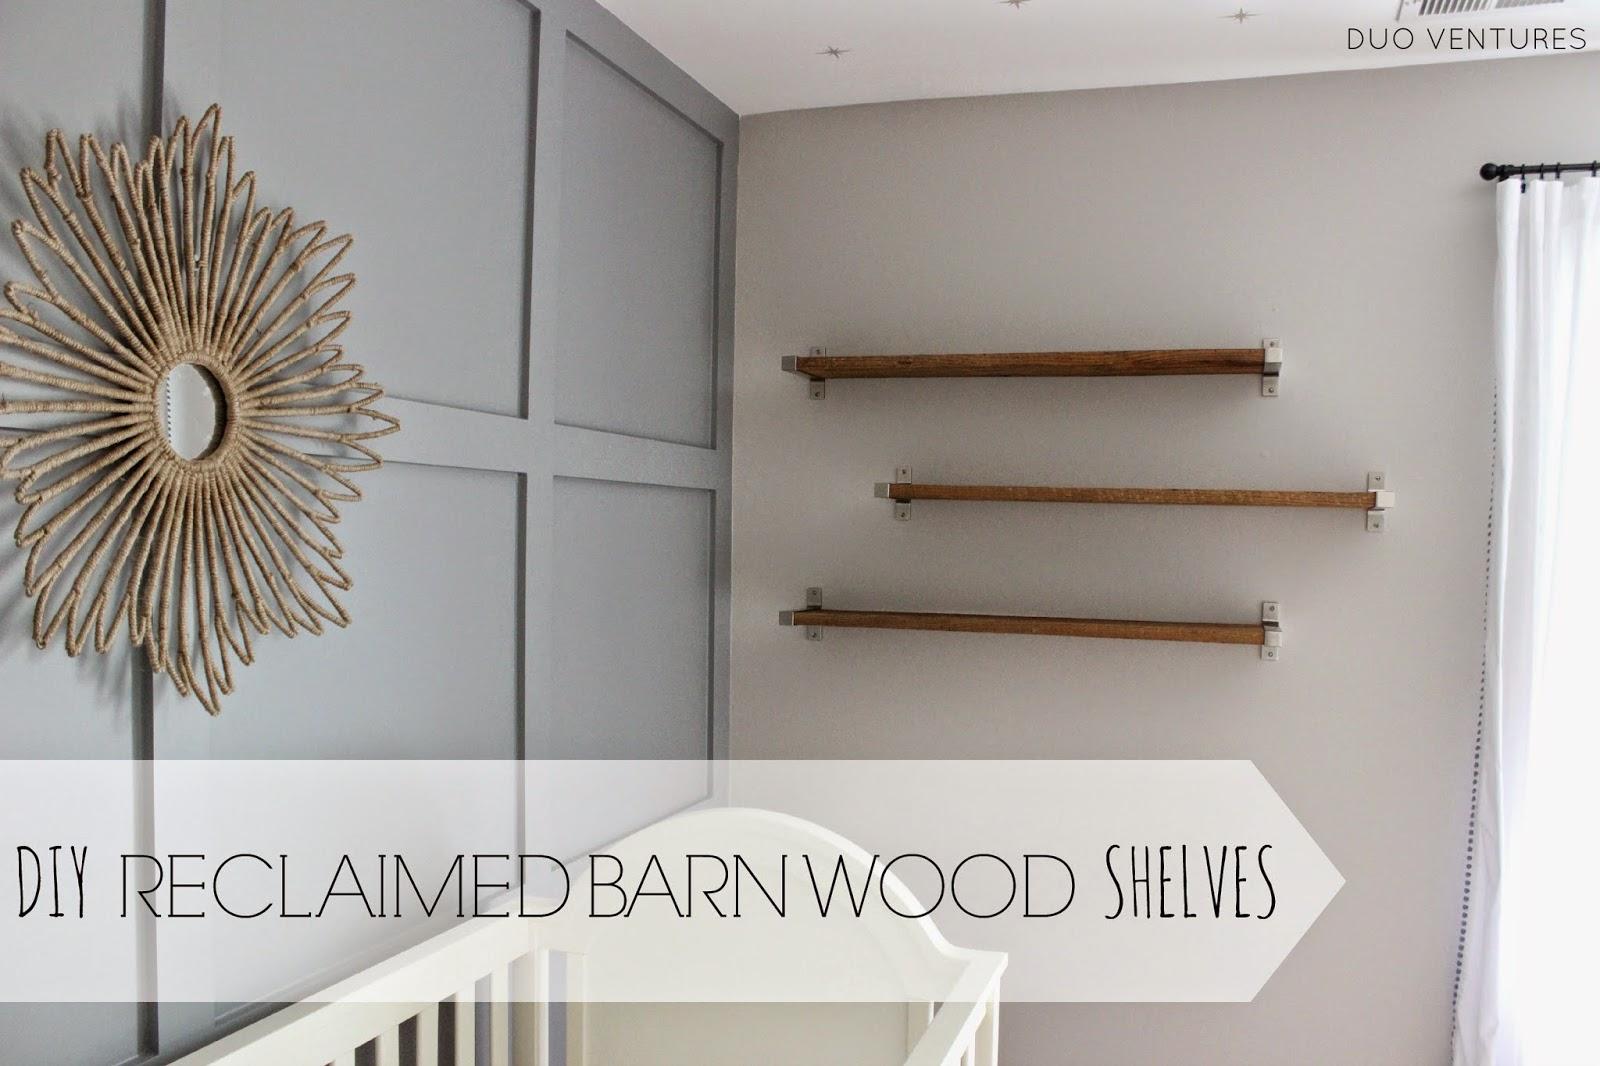 Barnwood shelving